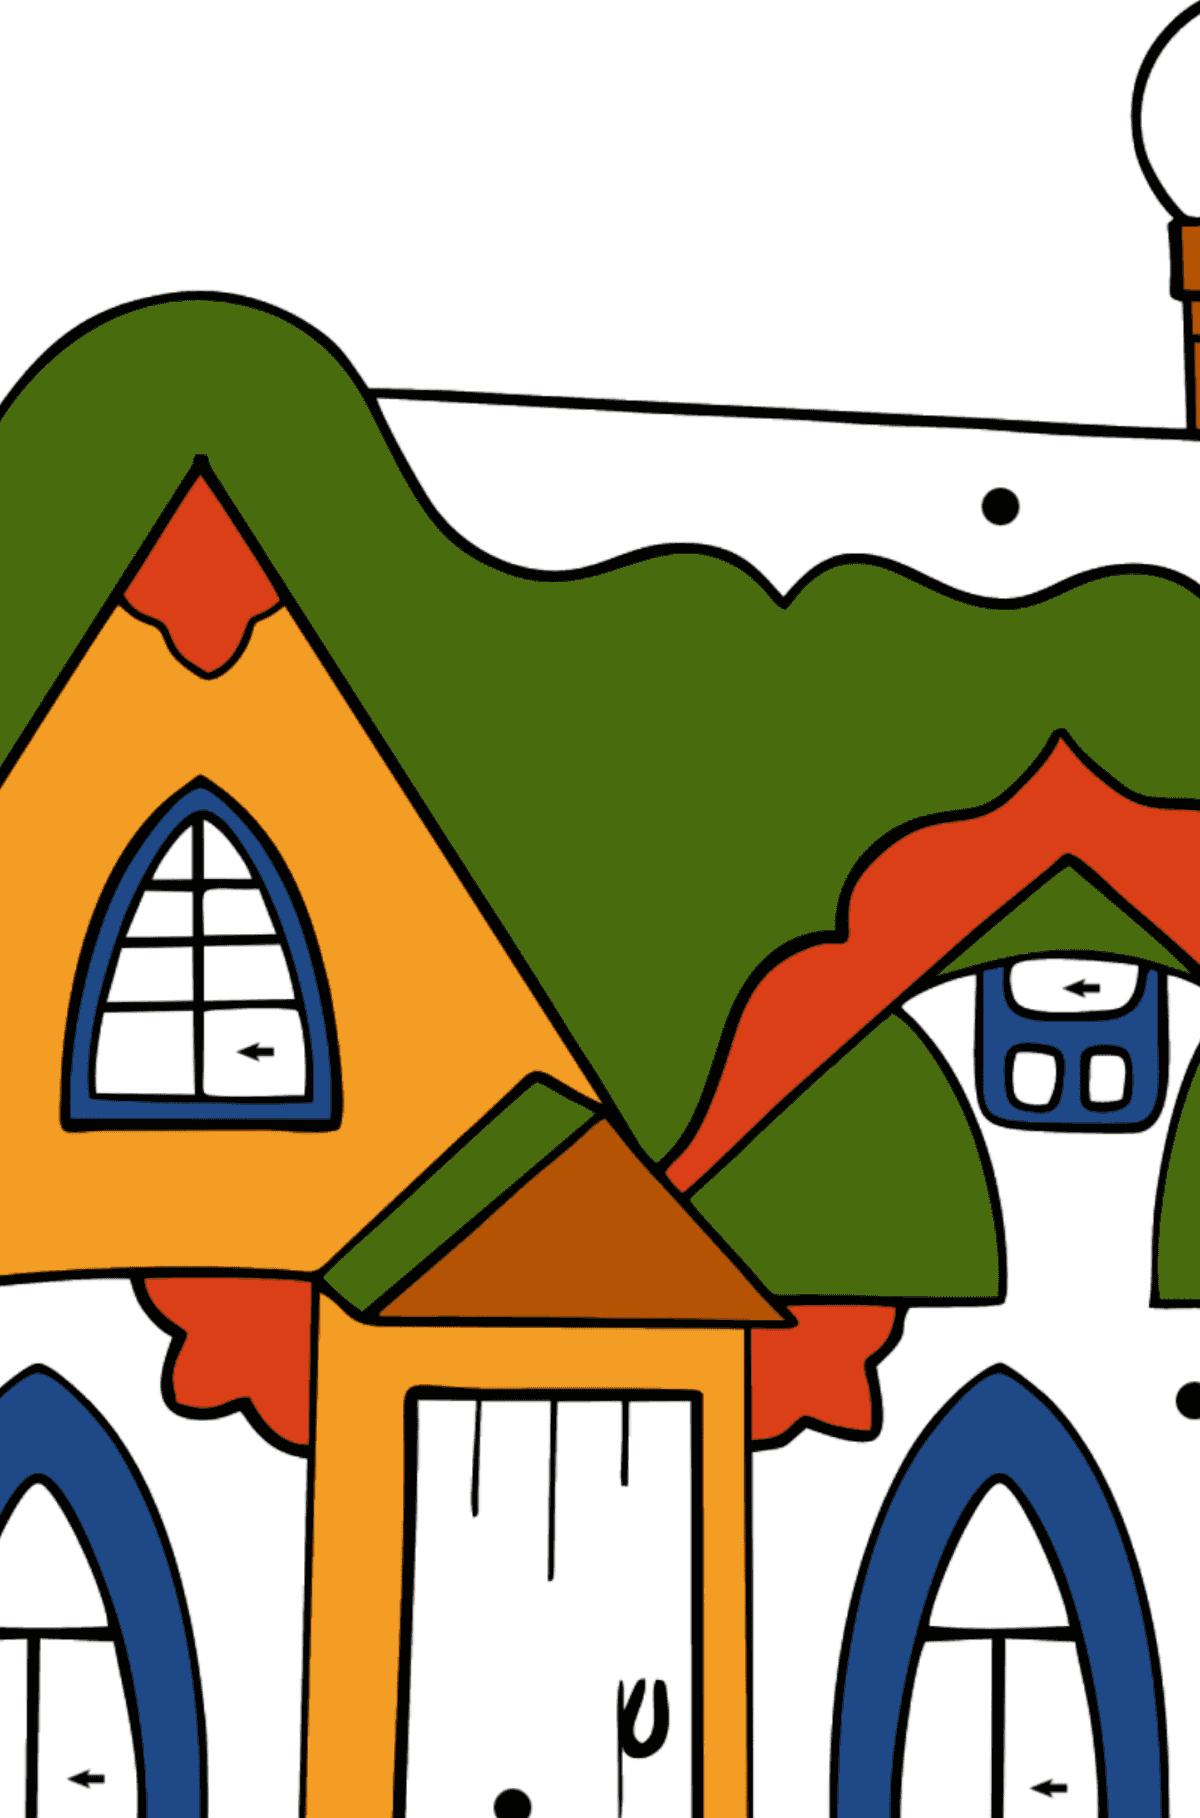 Раскраска сказочный домик - Раскраска по Символам для Детей